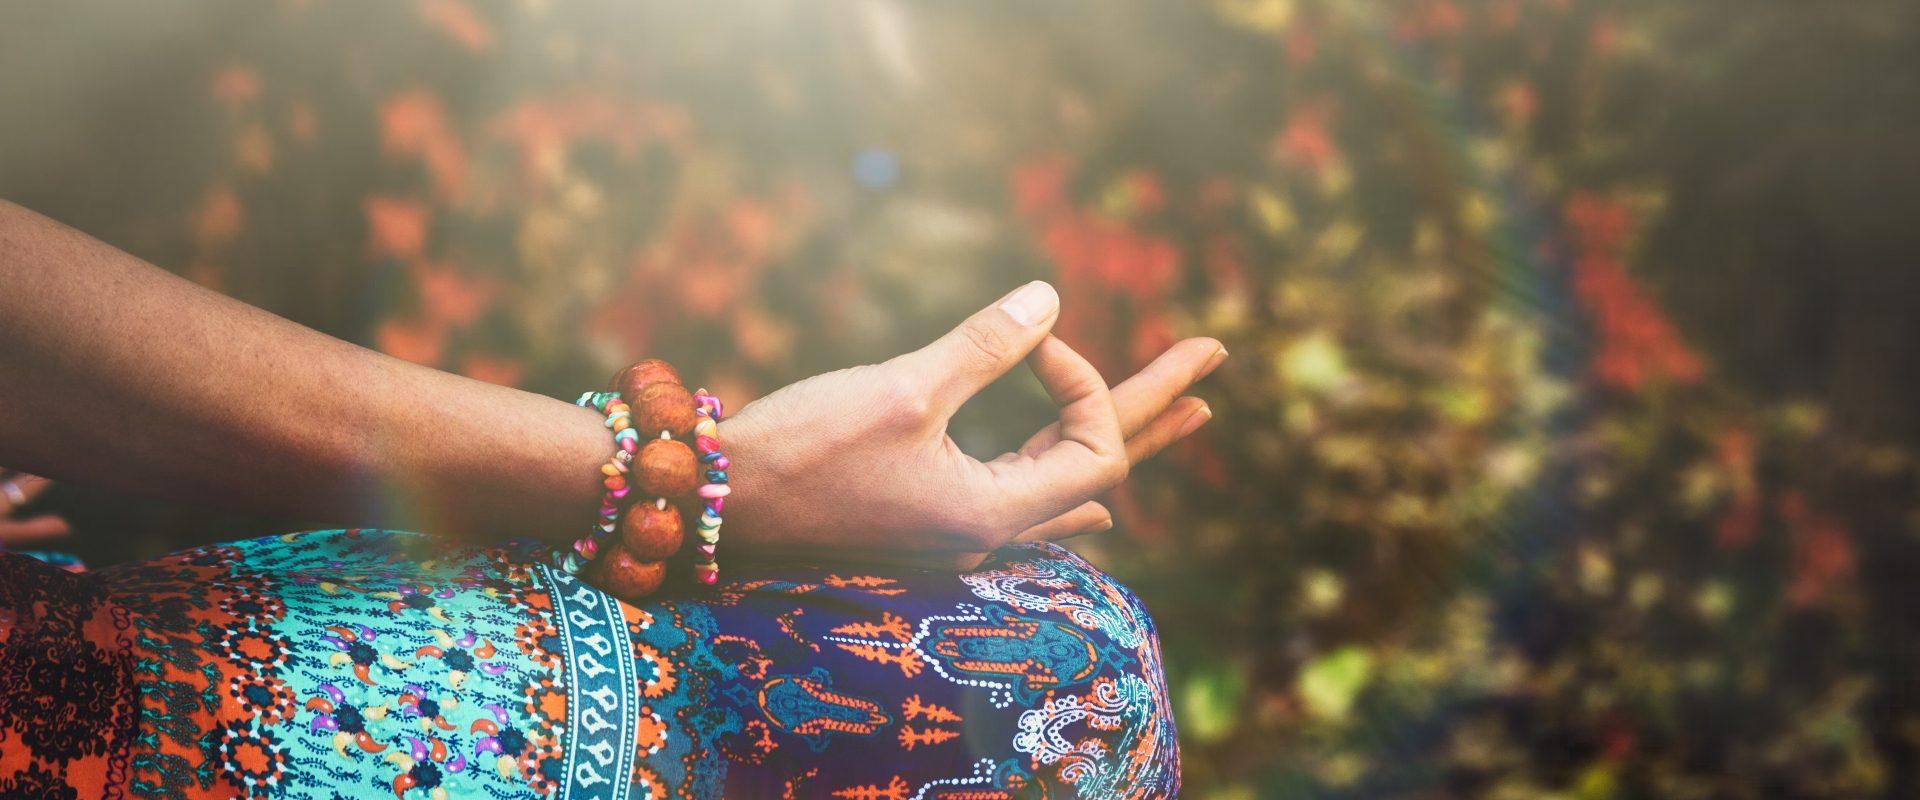 Mudry - gesty dłoni w ajurwedzie. Kobieta ćwiczy jogę lub medytuje układając dłonie w mudry.